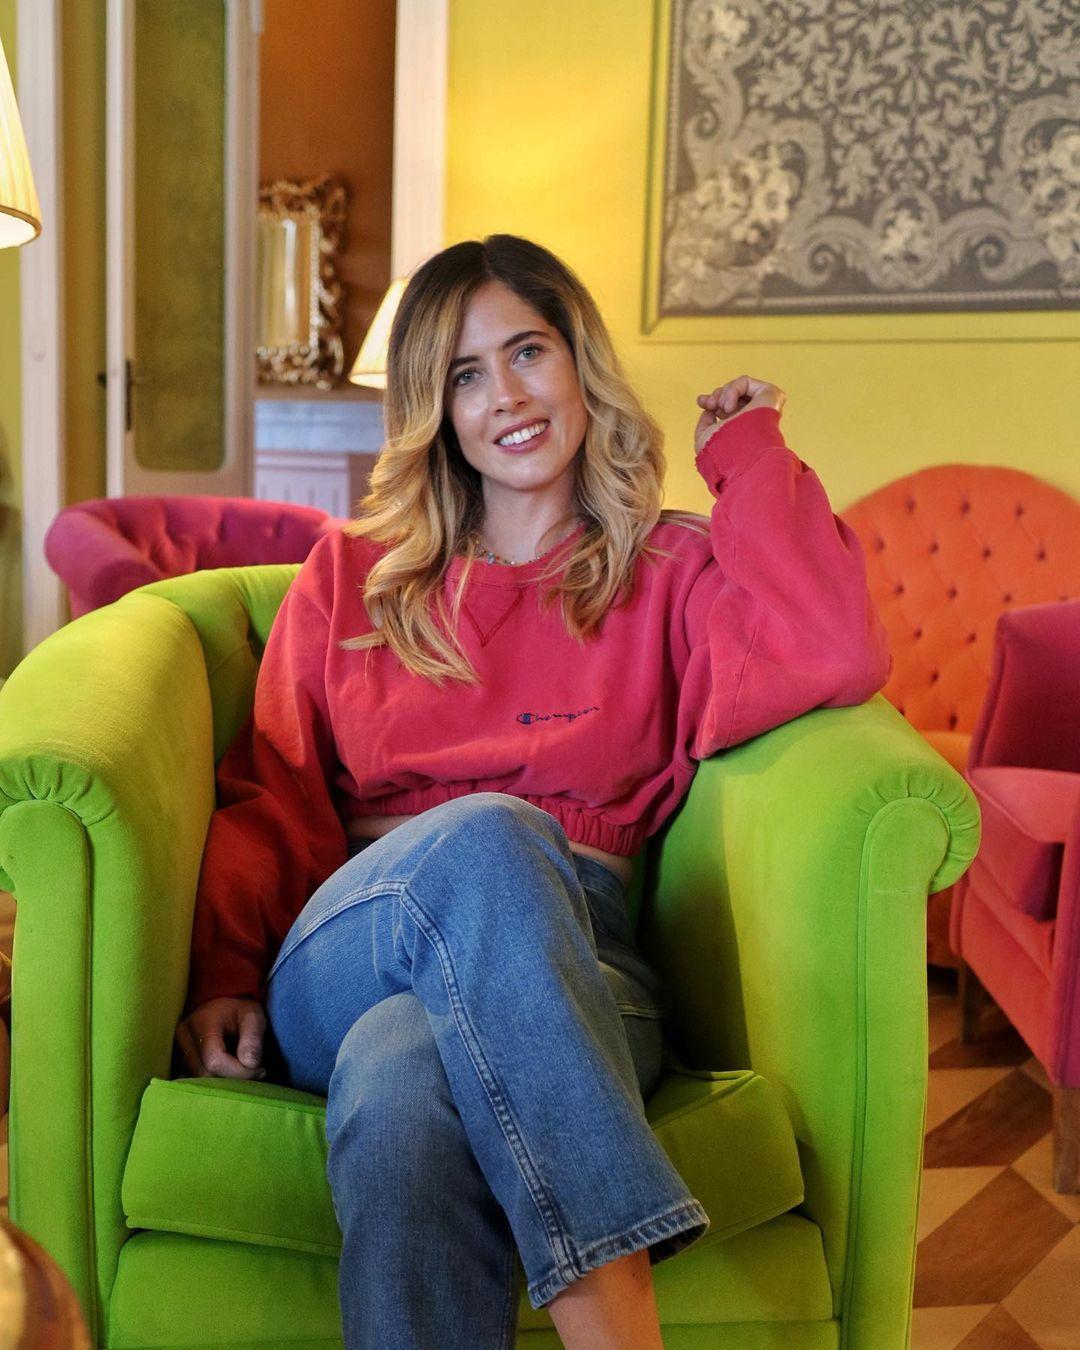 Francesca-Ferragni-Wallpapers-Insta-Fit-Bio-8